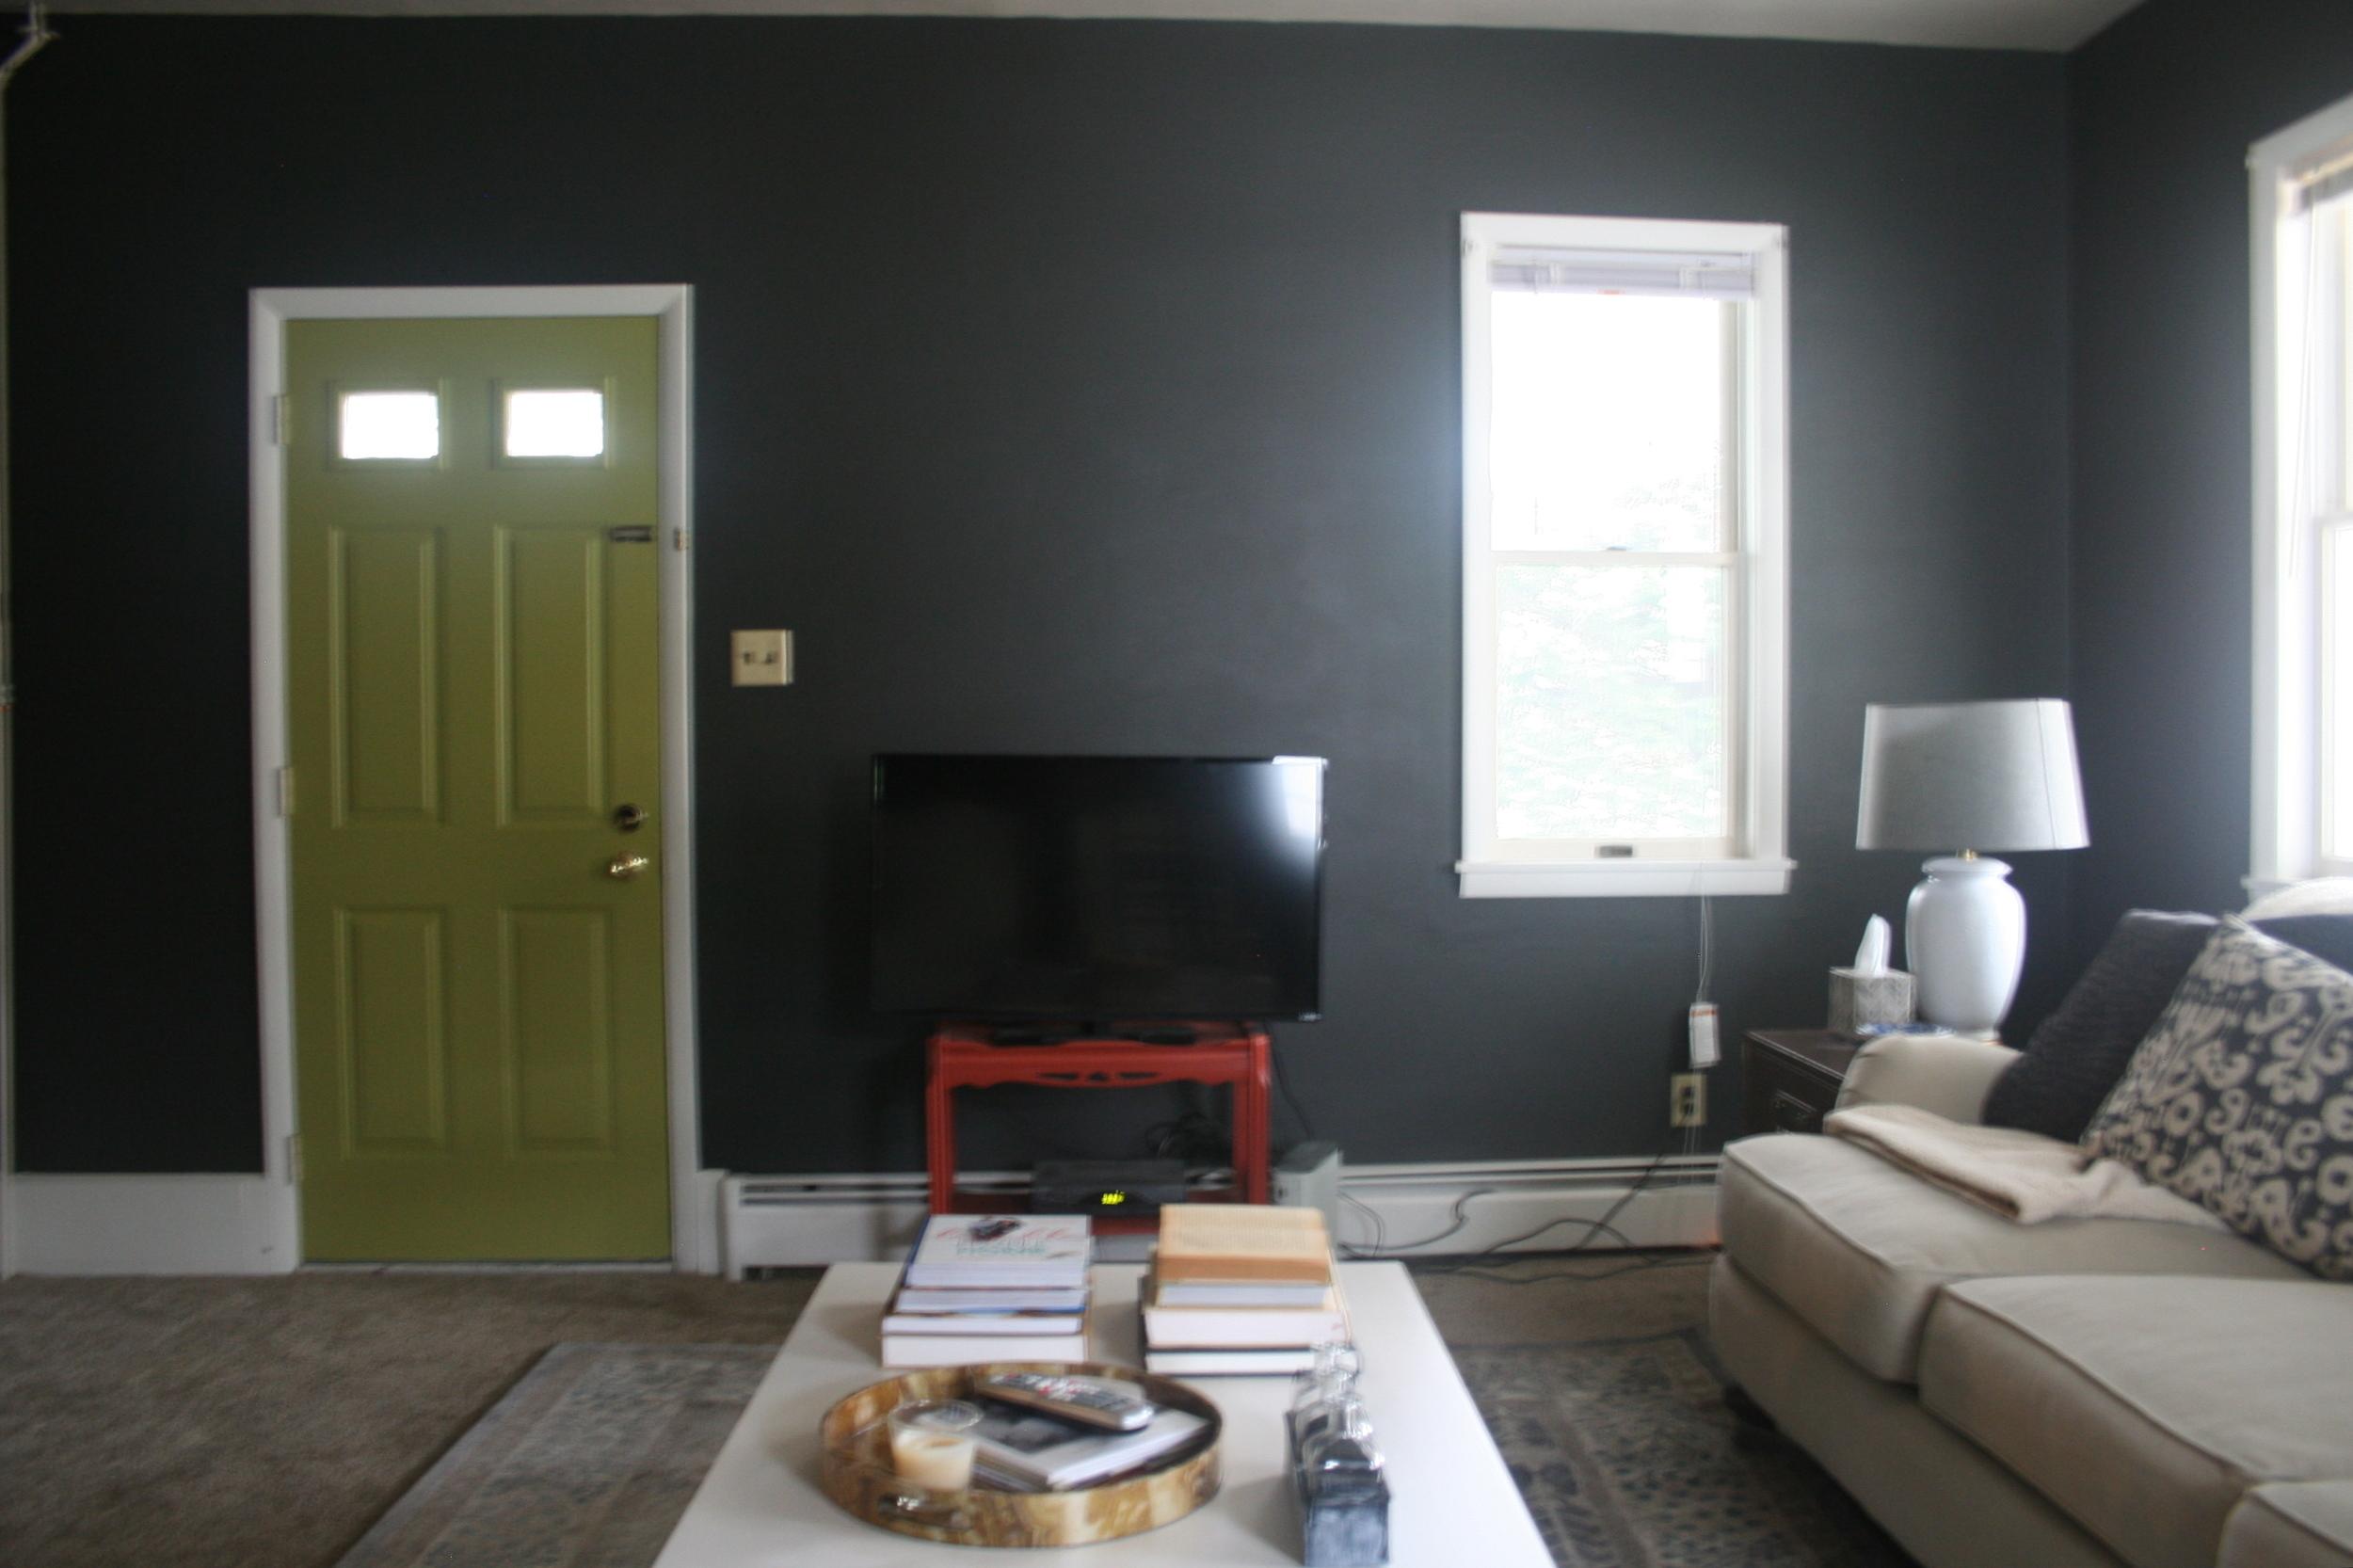 Living Room (Progress) - Stevie Storck Design Co.